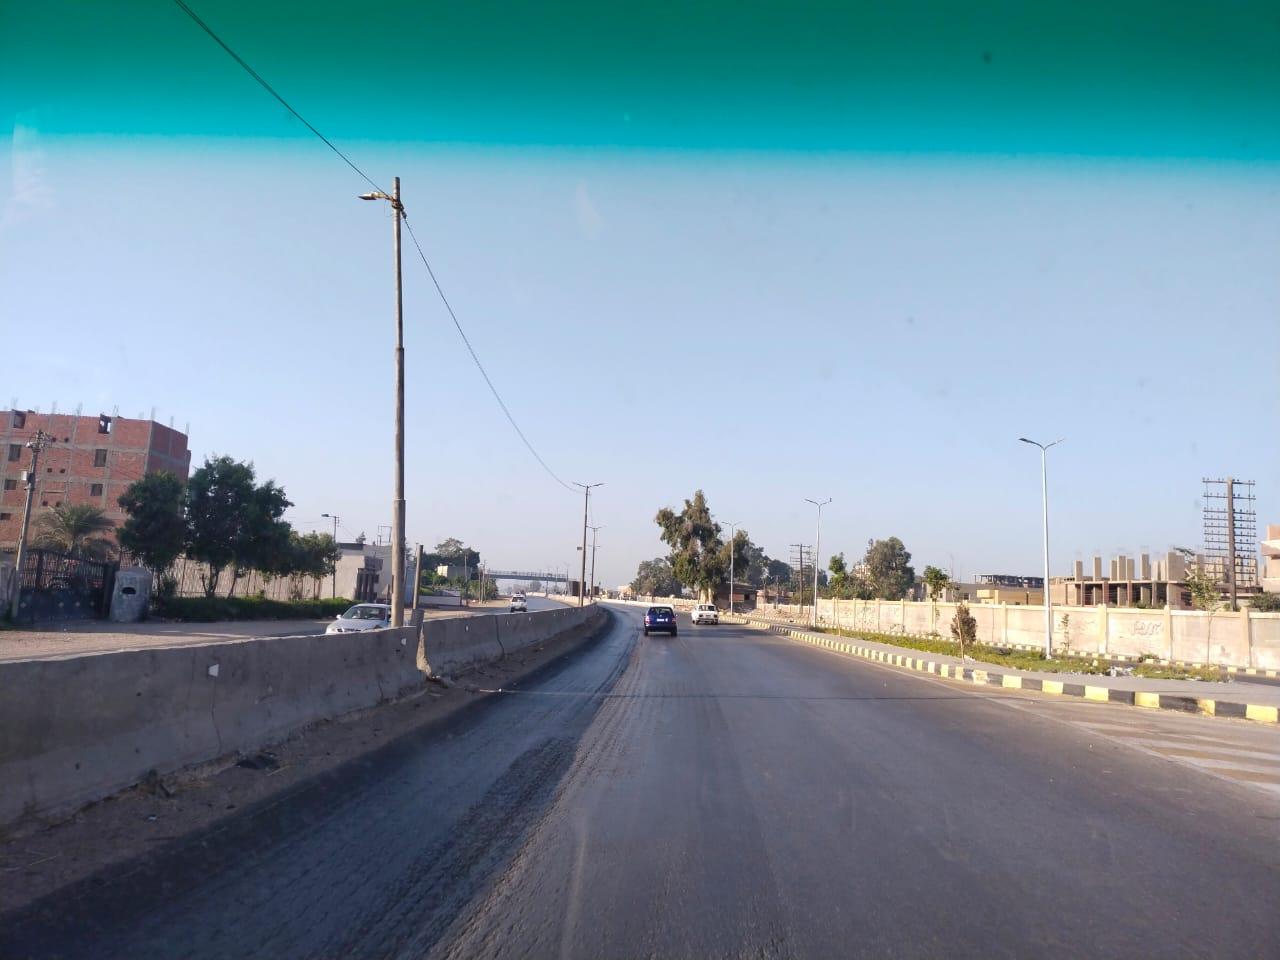 سيولة مرورية بطريق القاهرة الإسكندرية الزراعى (7)